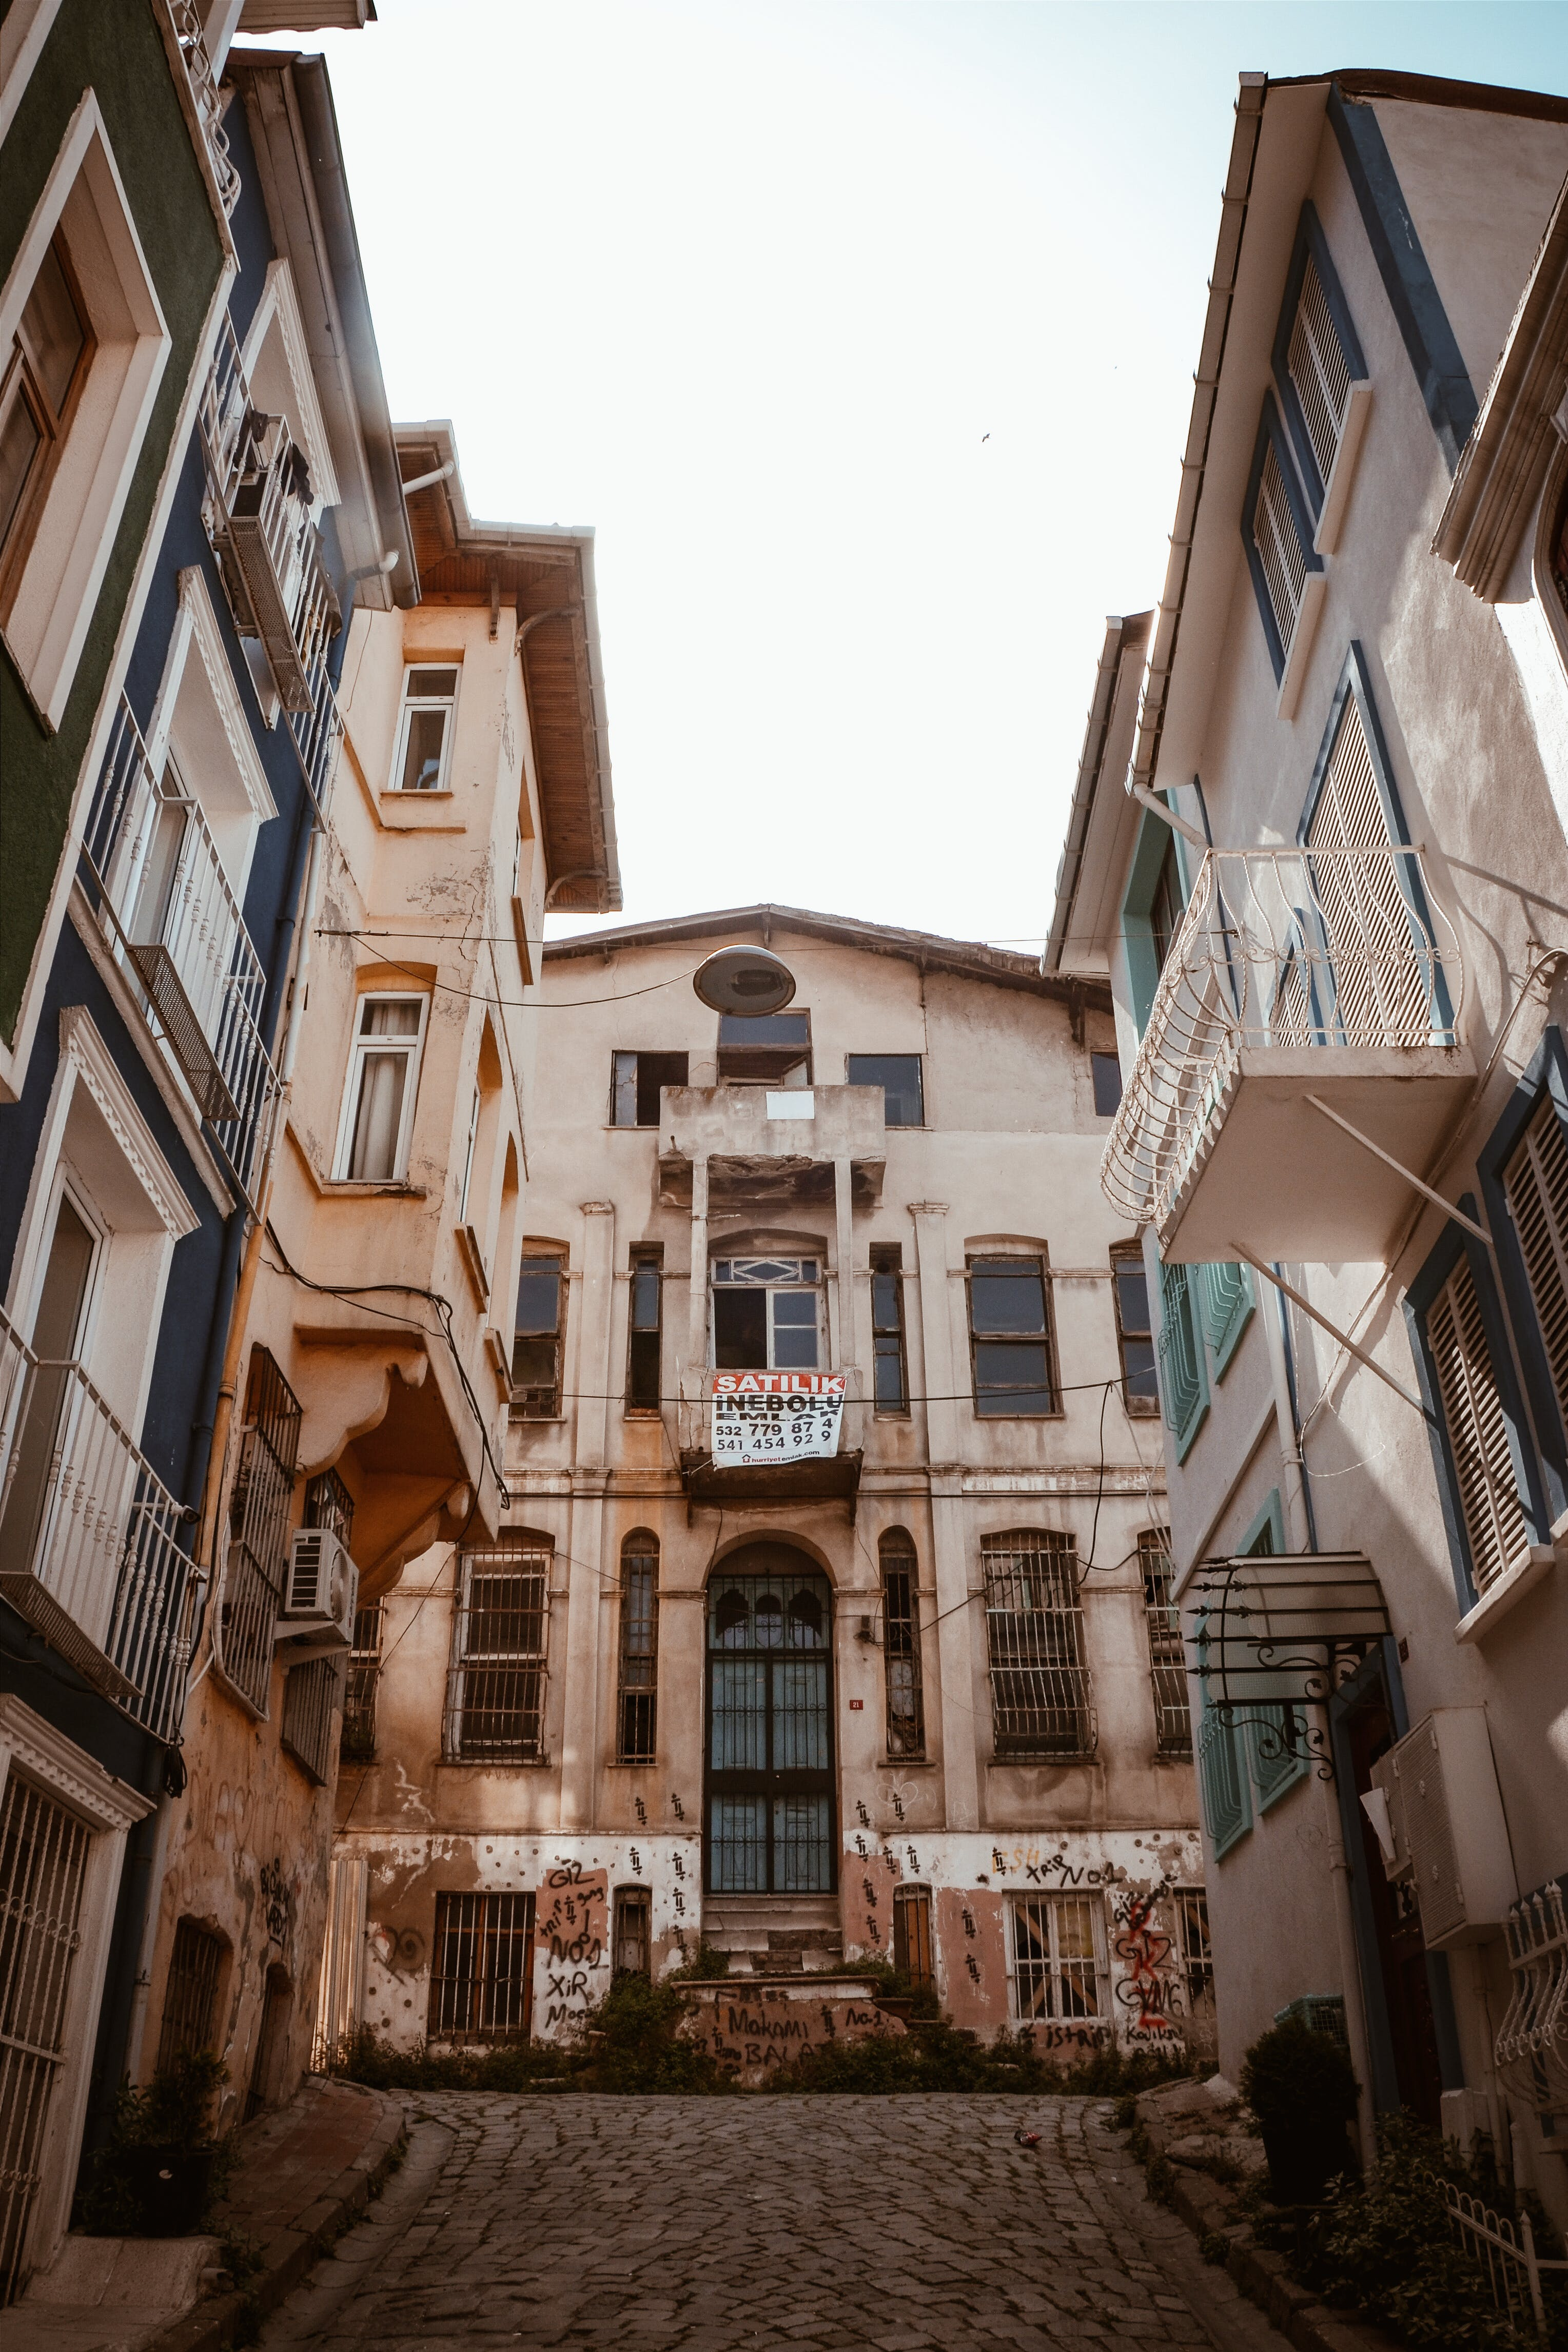 Foto stok gratis Arsitektur, balkon, bangunan, desain arsitektur